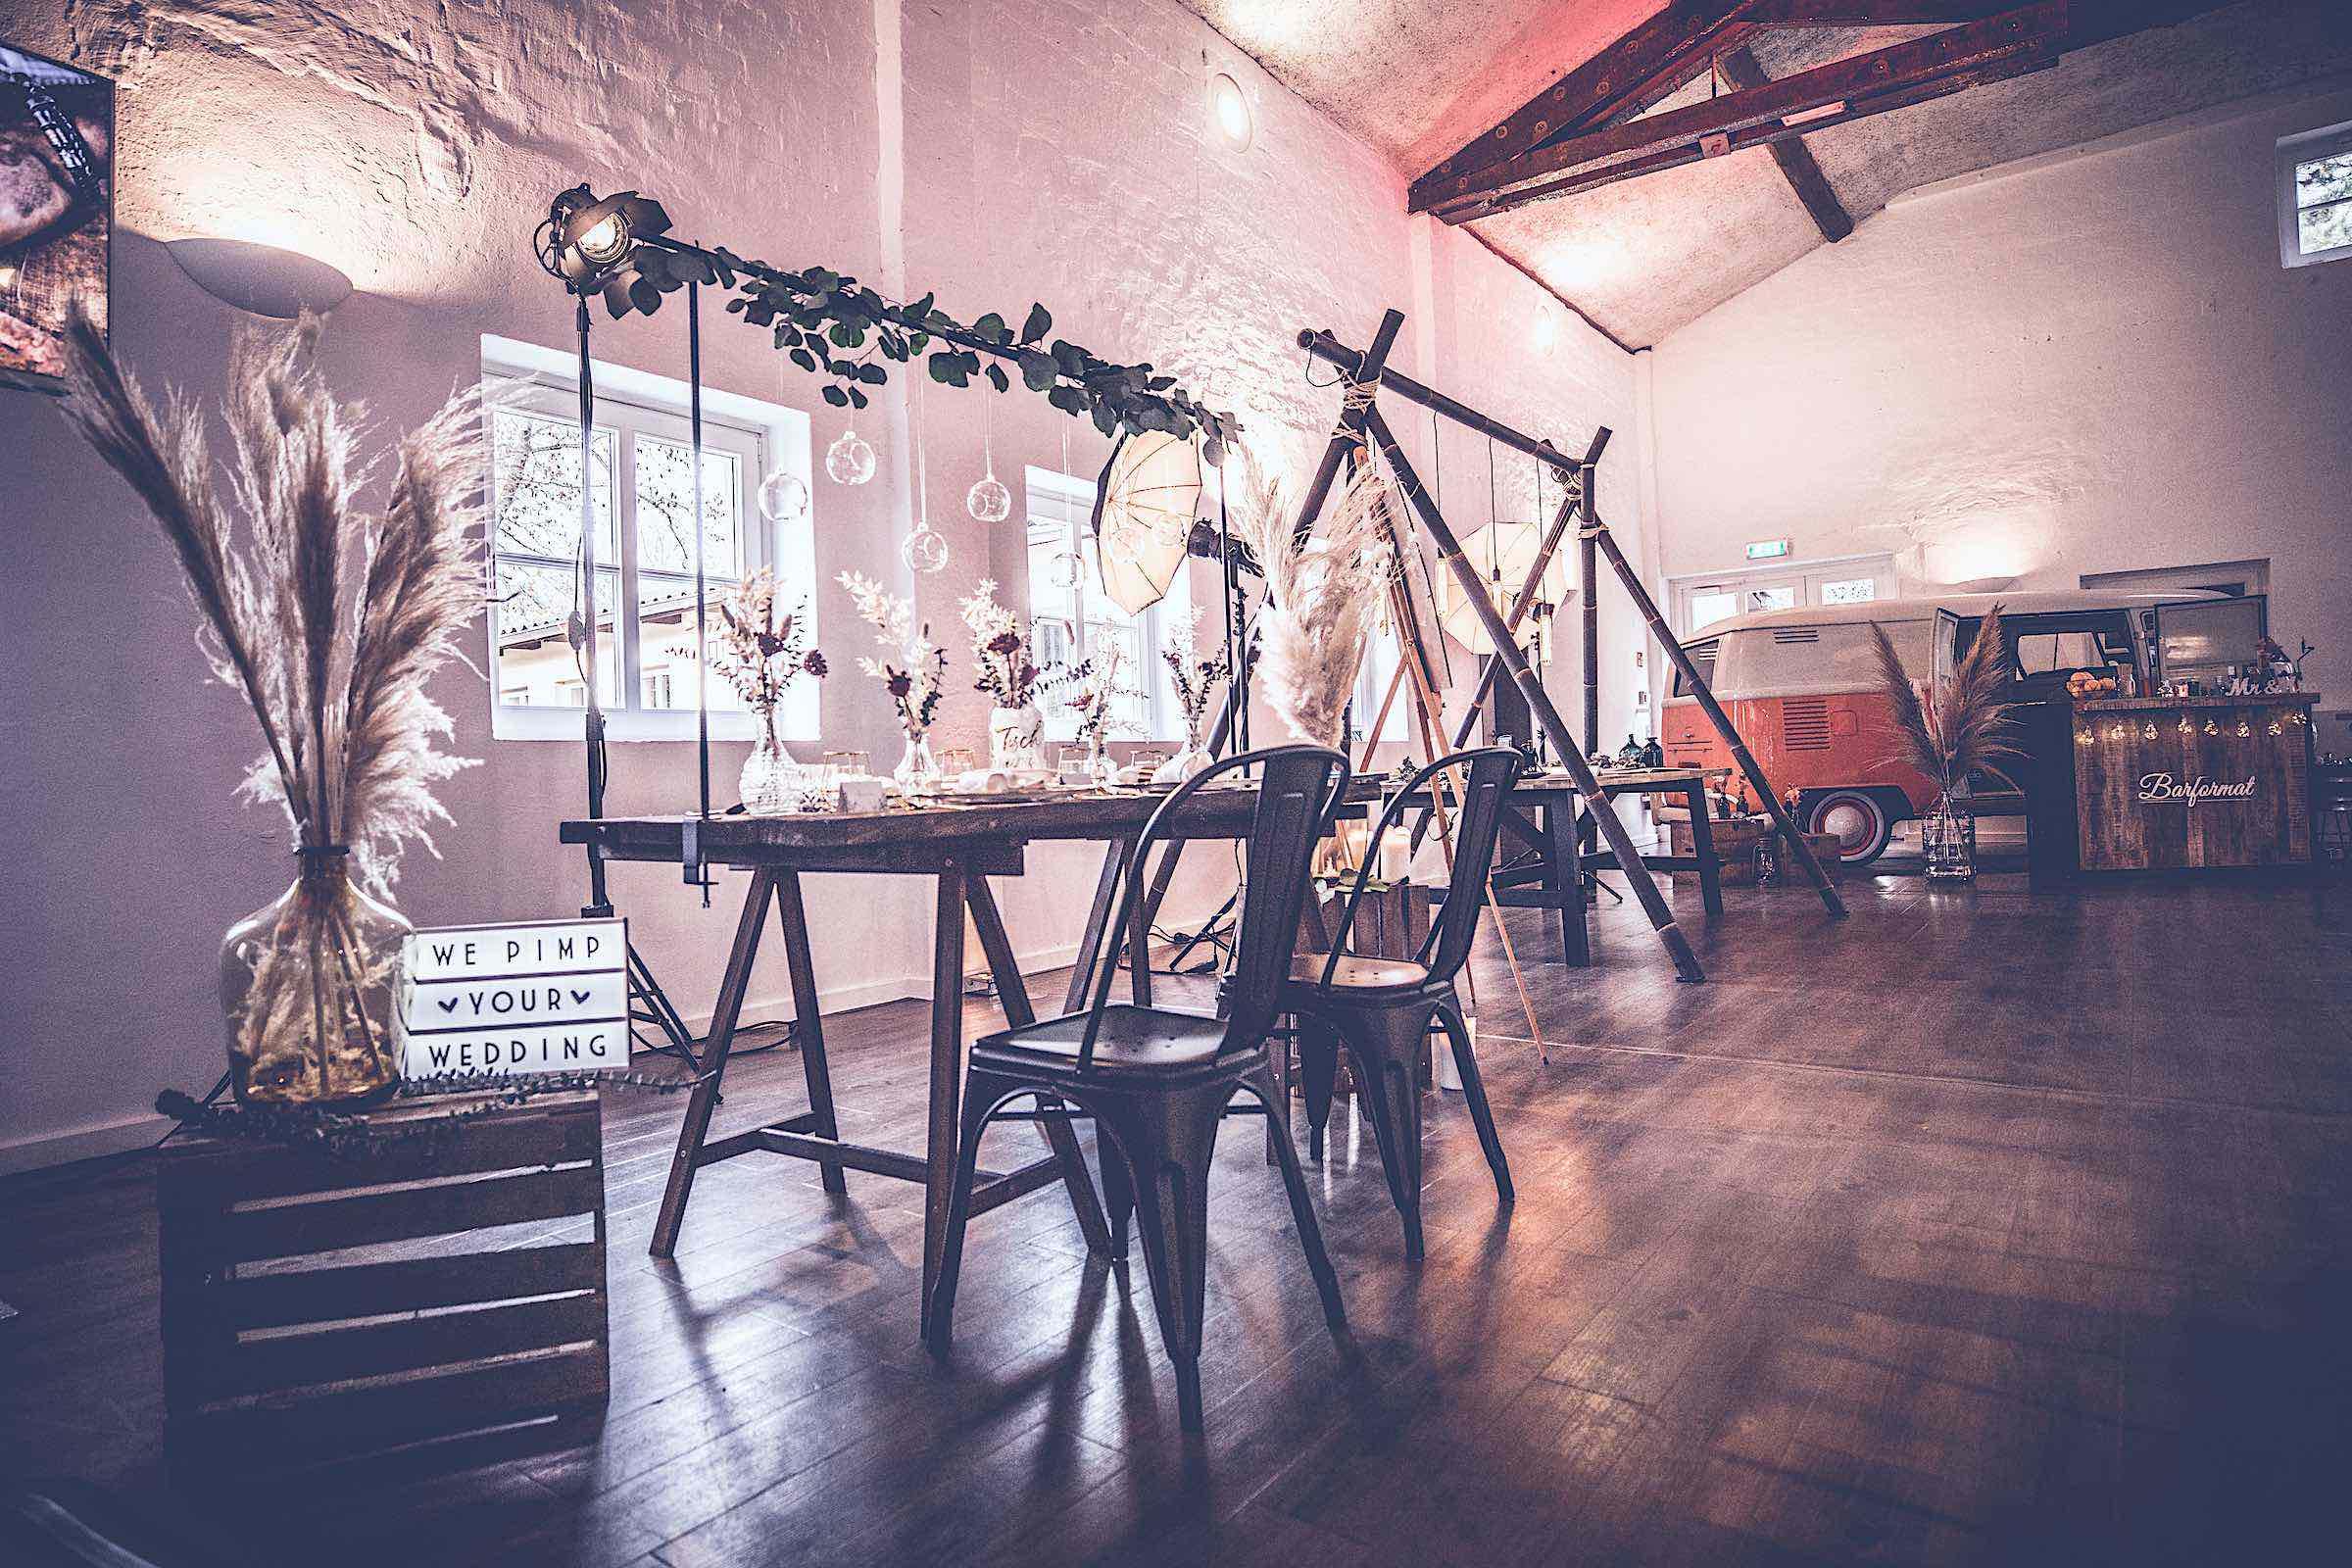 Eventplaner | Hochzeitsplaner | Dekoration | Zeltbau | Pavillon | Hochzeiten | Modenschauen | Firmenfeiern | Galas | Shows | Technik | Logistik | Lieferung | Hannover | Braunschweig | Bremen | Hildesheim | Künstler